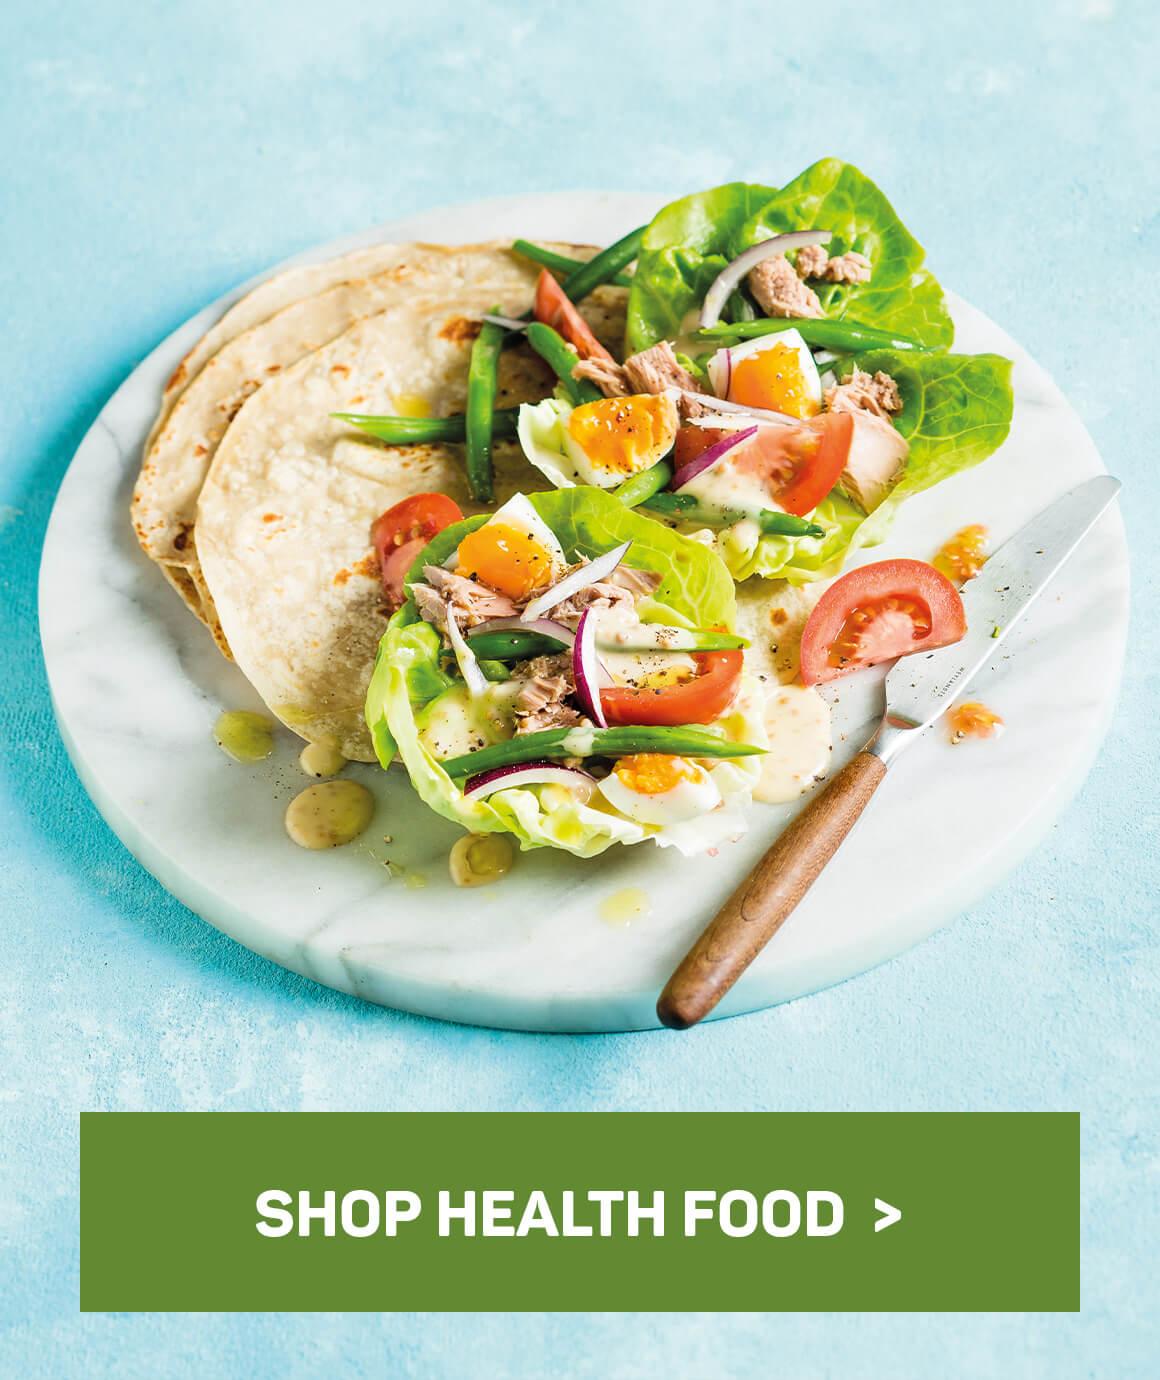 Shop healthy food